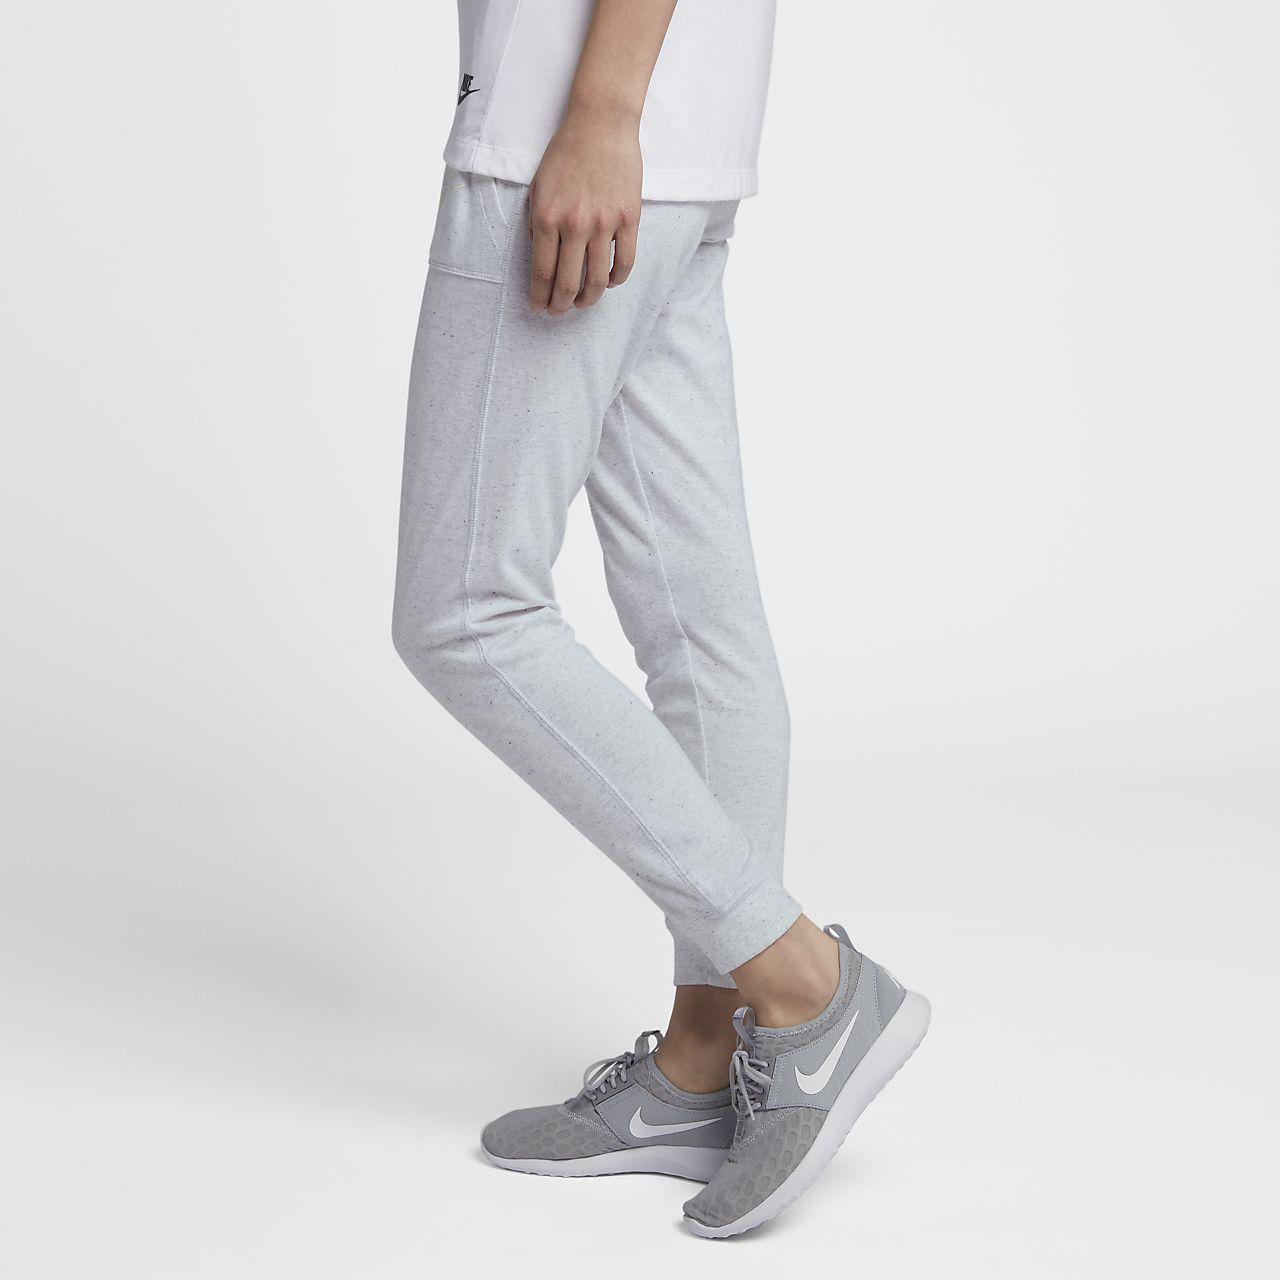 ... Pantalon Nike Sportswear Gym Vintage pour Femme